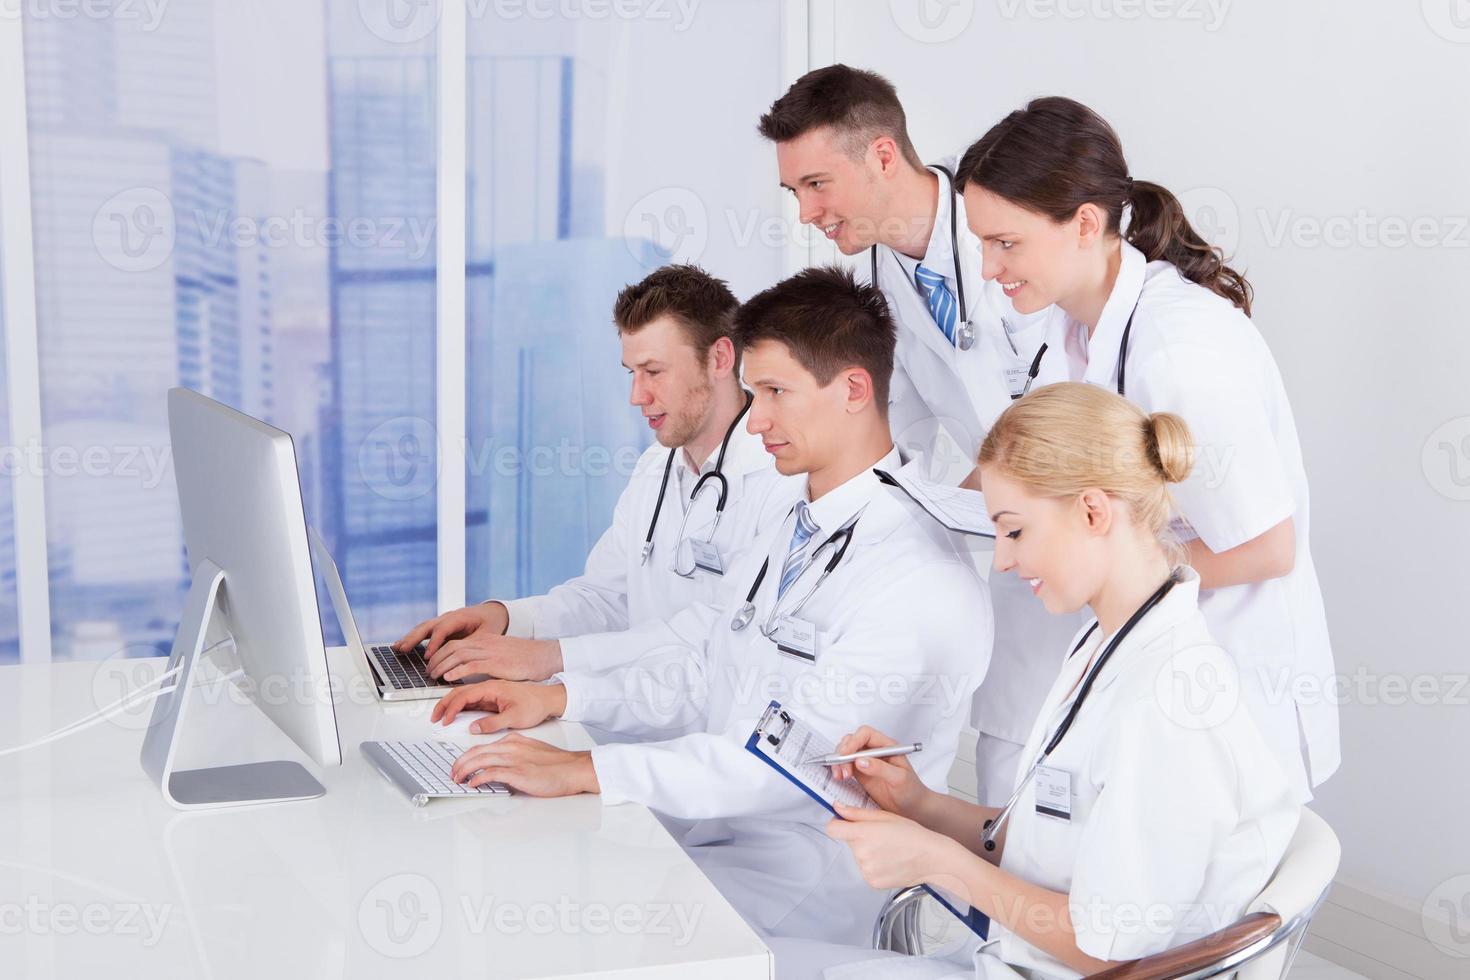 artsen werken samen aan computer in ziekenhuis foto